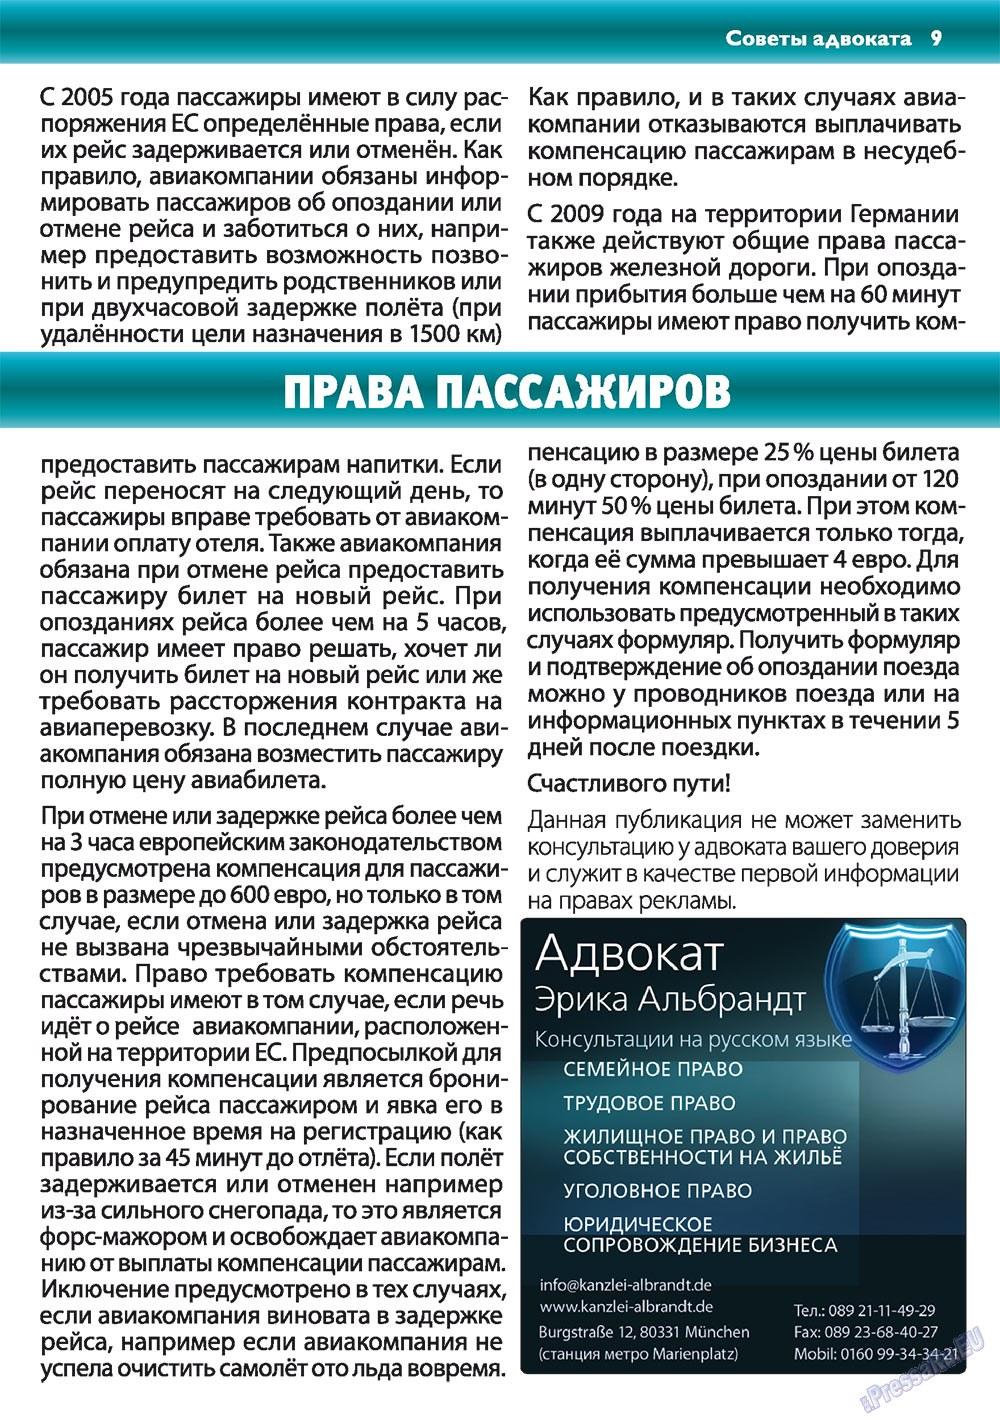 Апельсин (журнал). 2011 год, номер 18, стр. 9